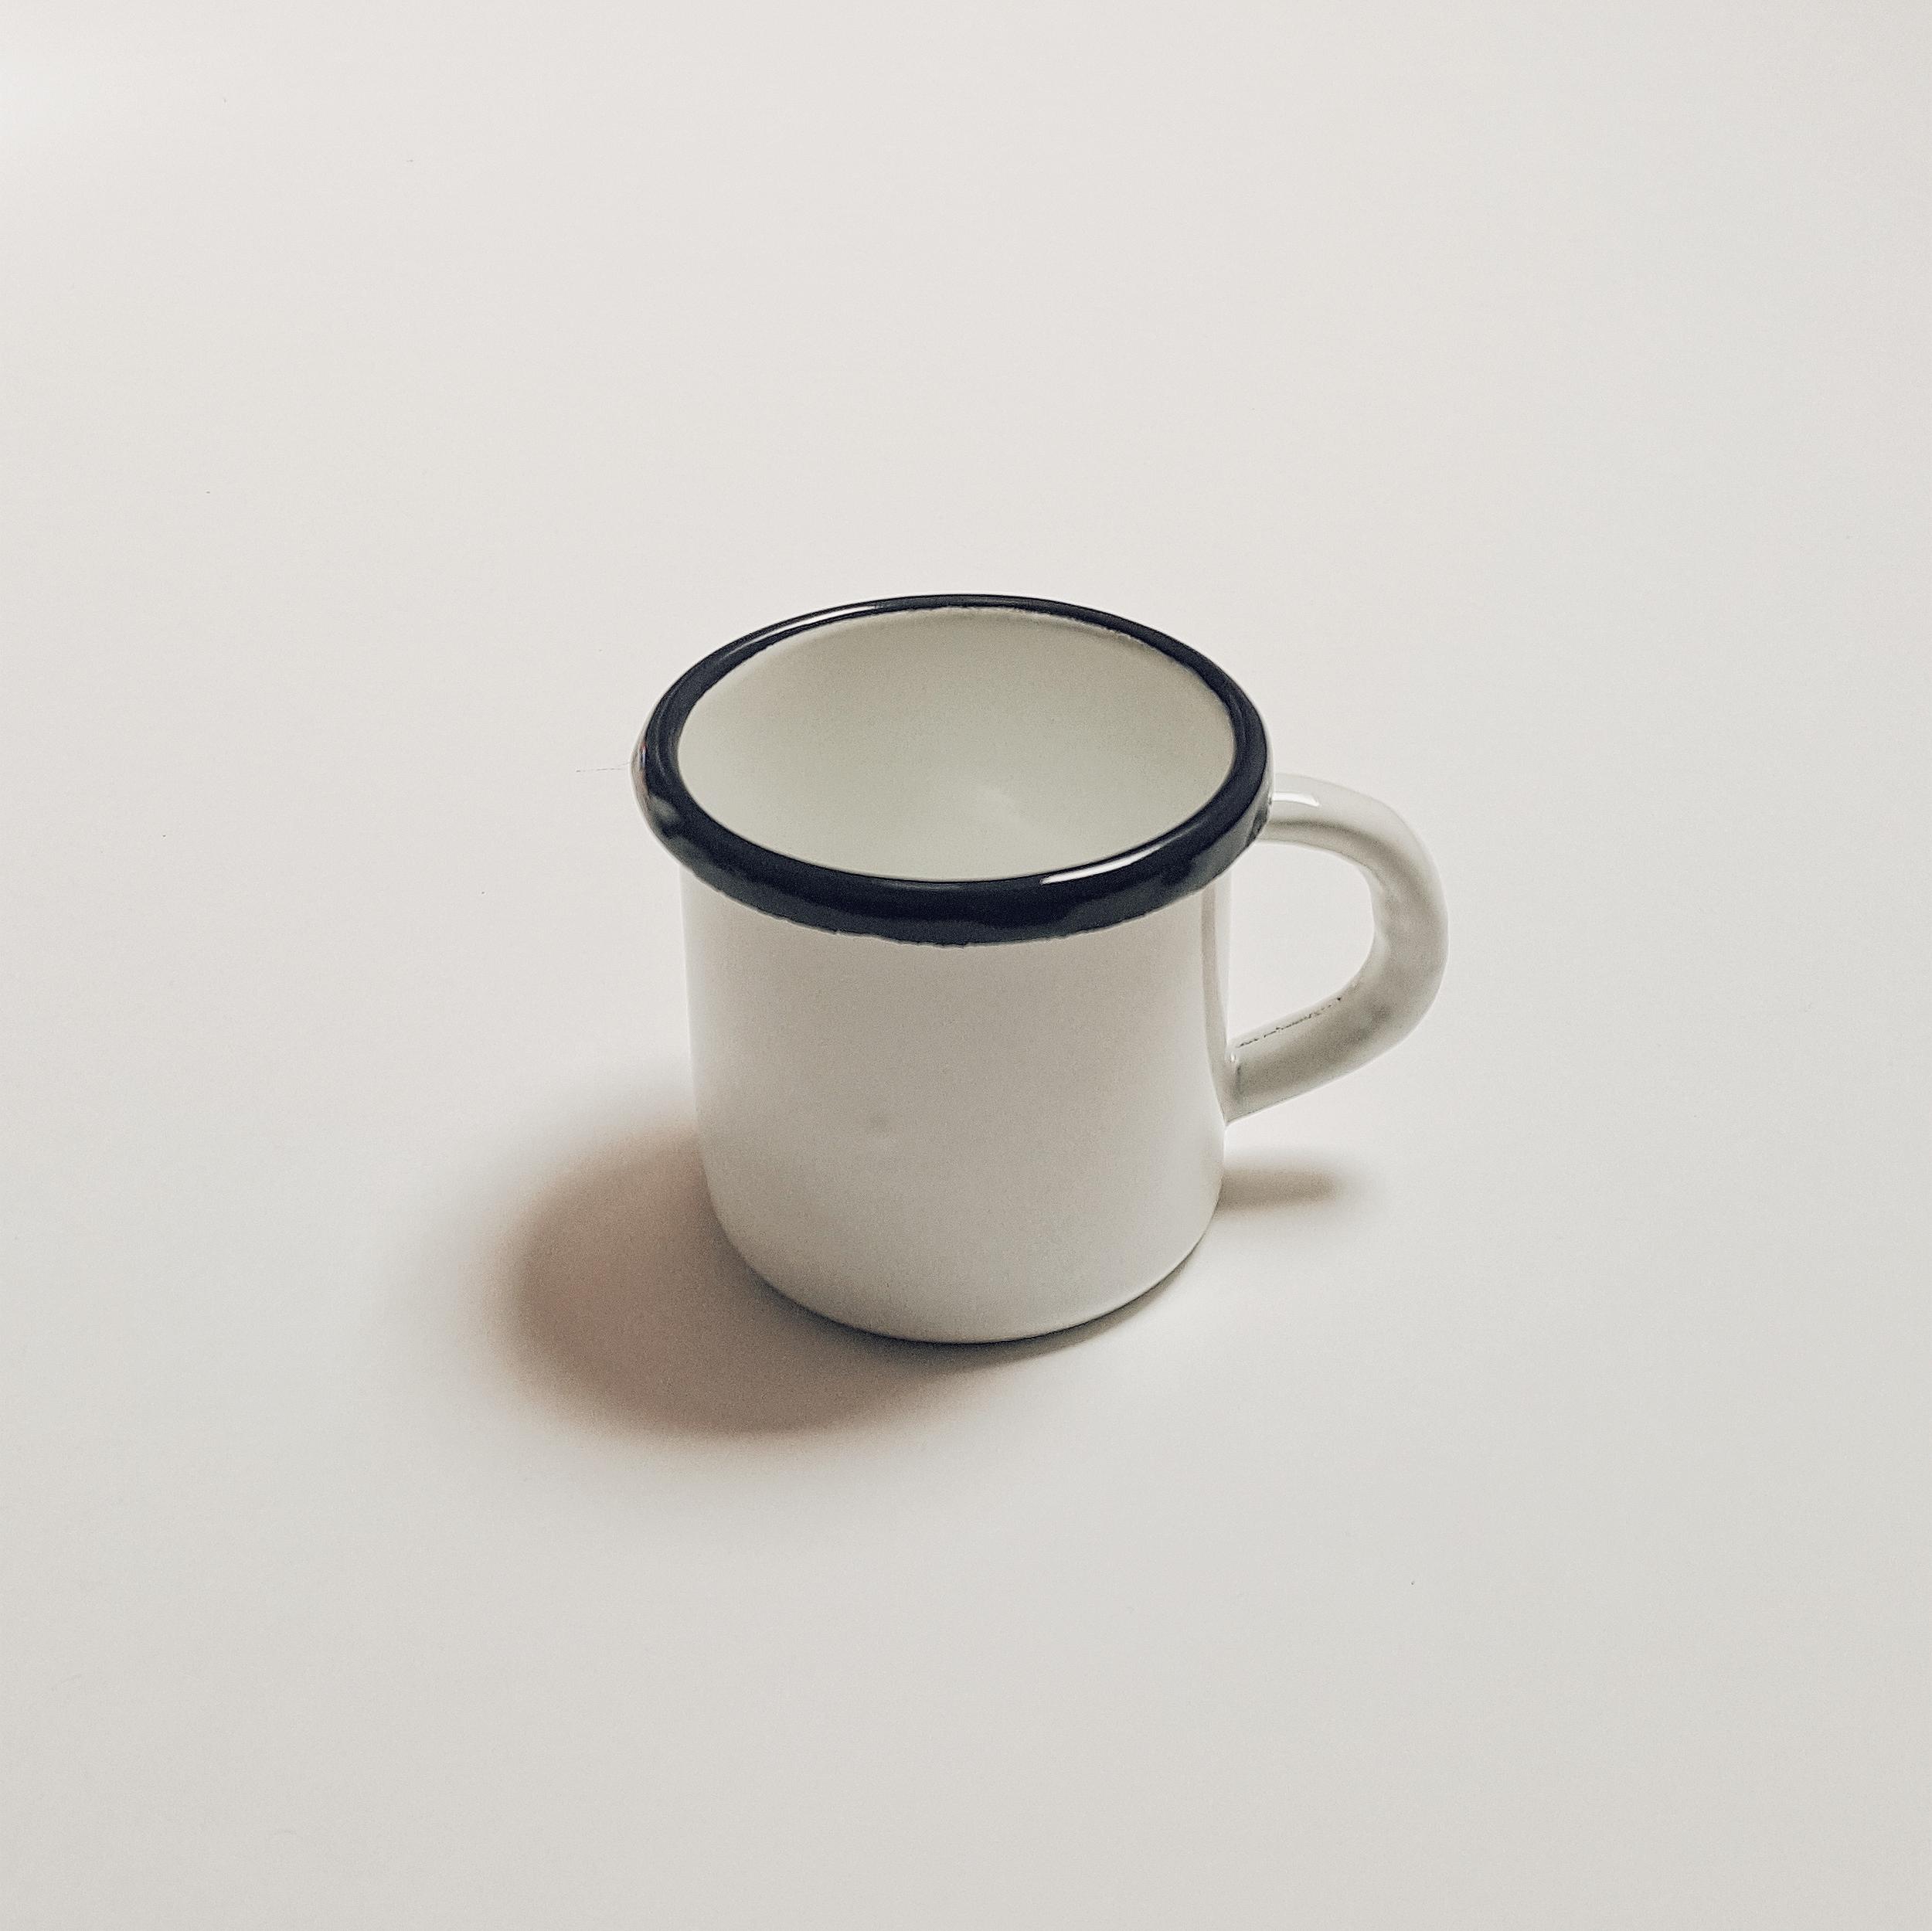 Petite tasse en émail